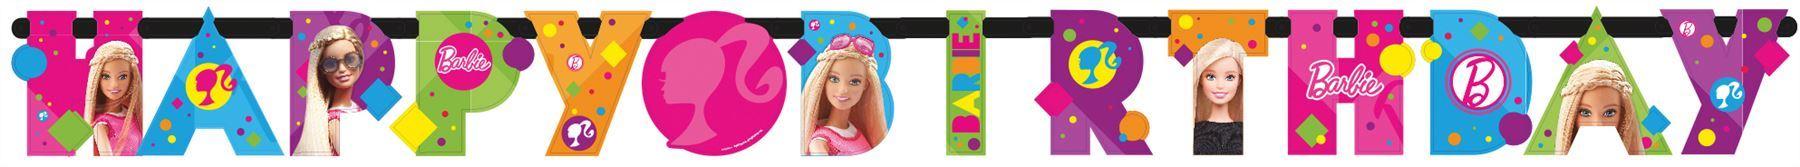 Barbie-Sparkle-Cumpleanos-Fiesta-Decoraciones-Vajilla-favores-Globo